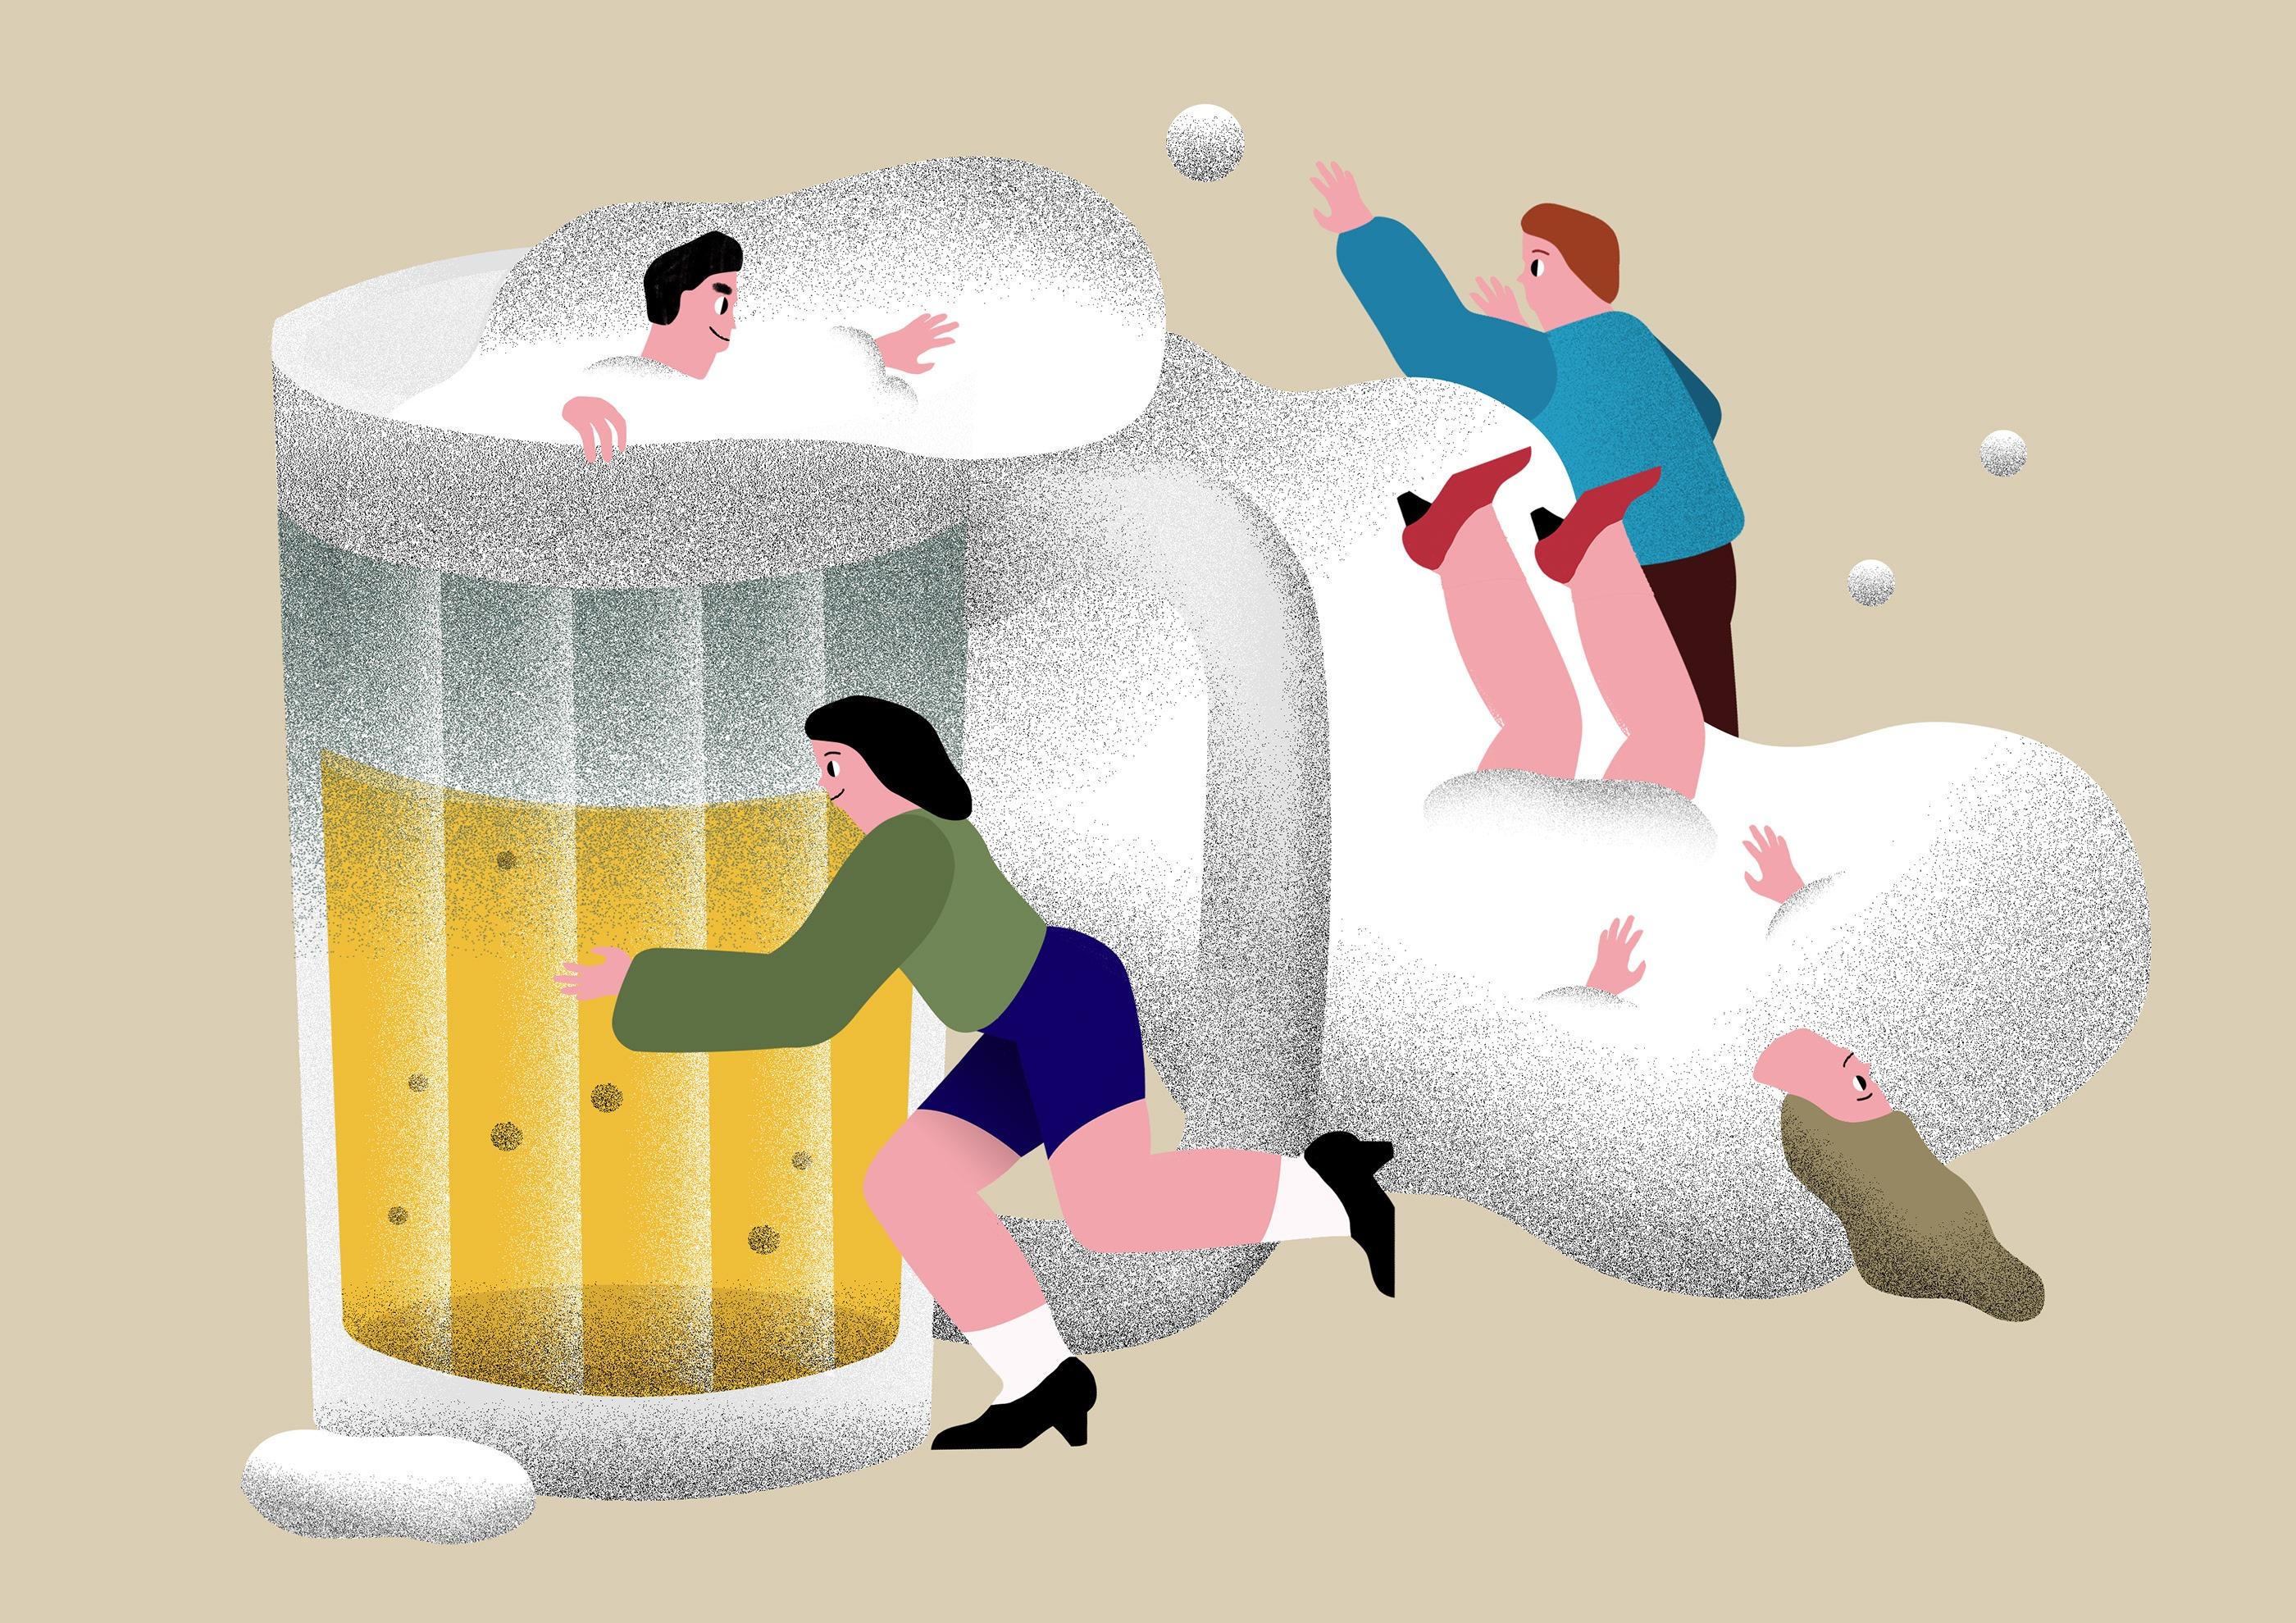 пиво картинки смешные среда провел рестайлинг